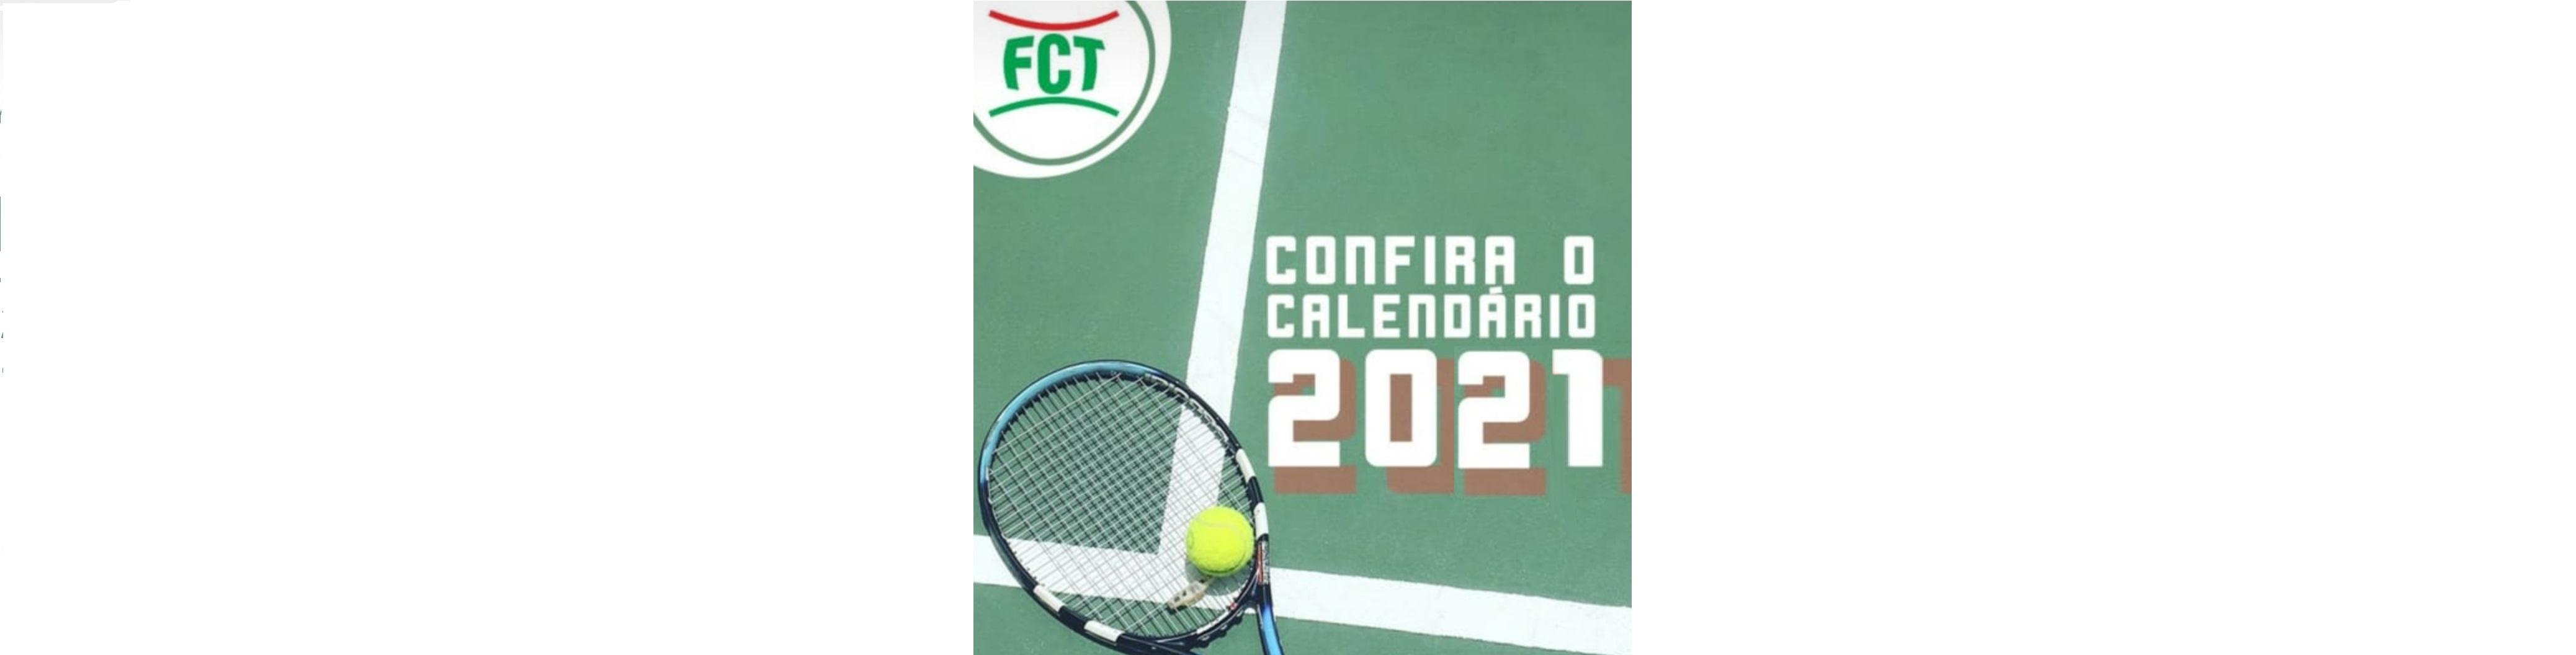 CALENDÁRIO ESPORTIVO FCT 2021 - TÊNIS E BEACH TENNIS